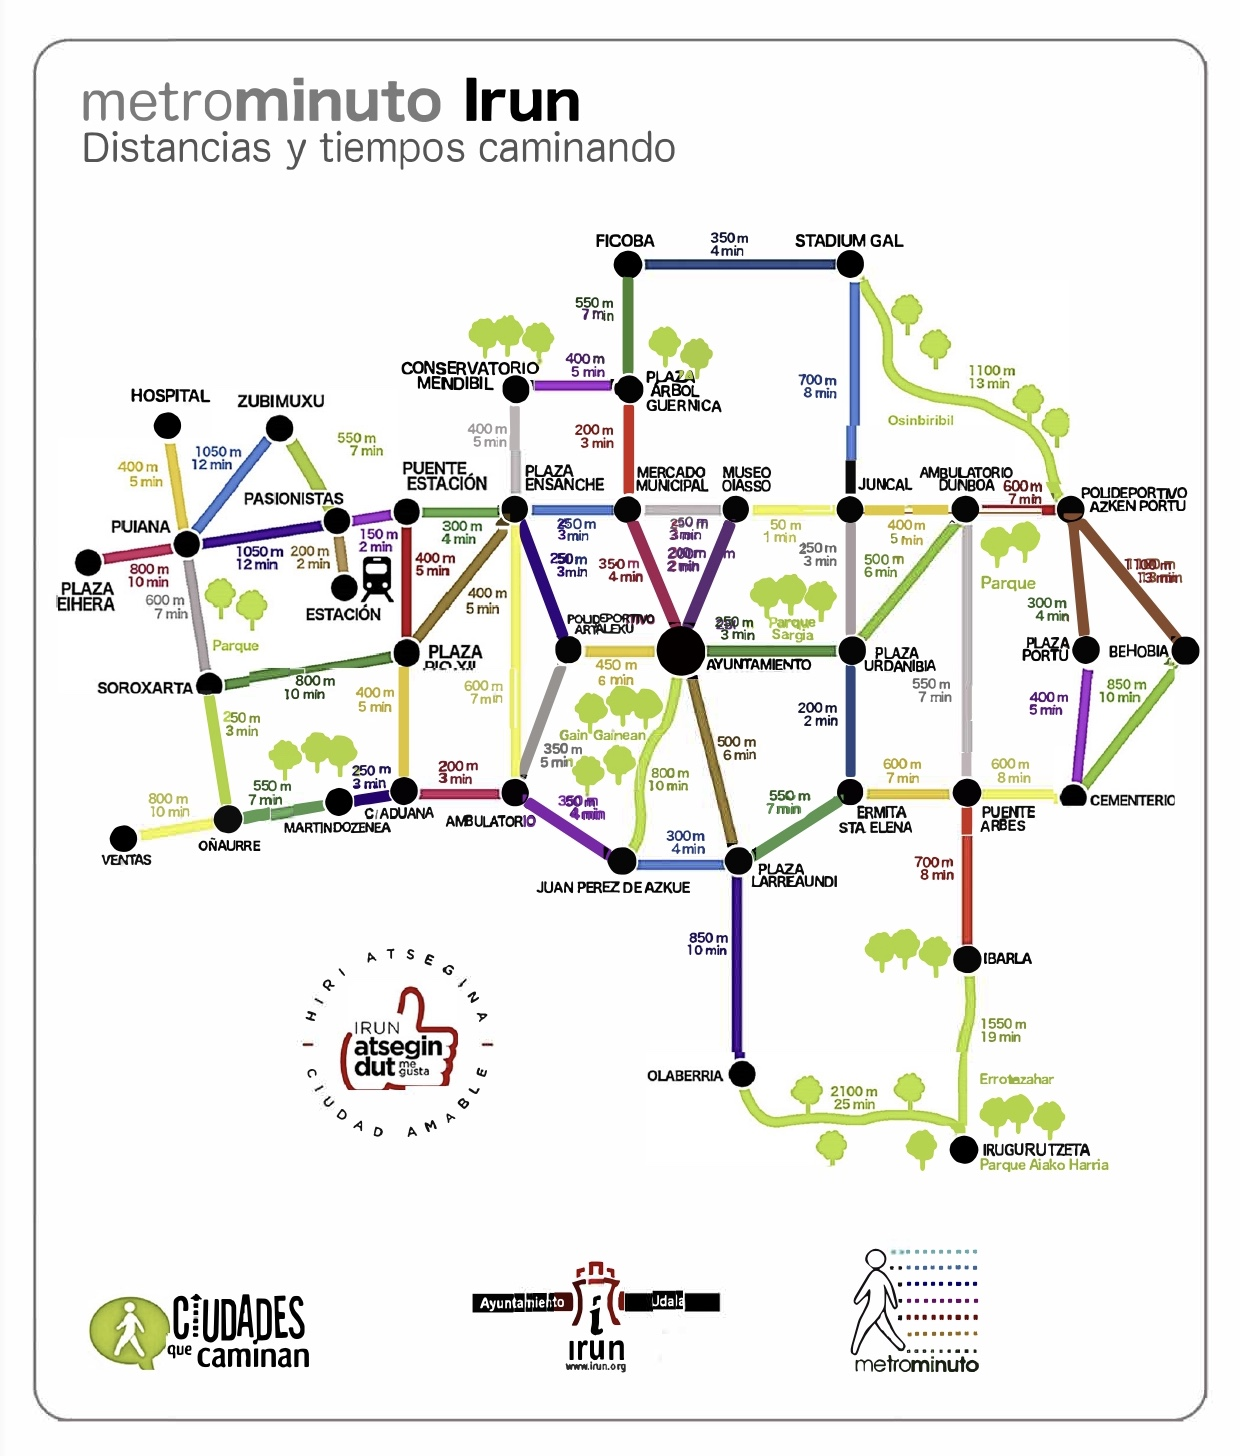 Metrominuto Irun